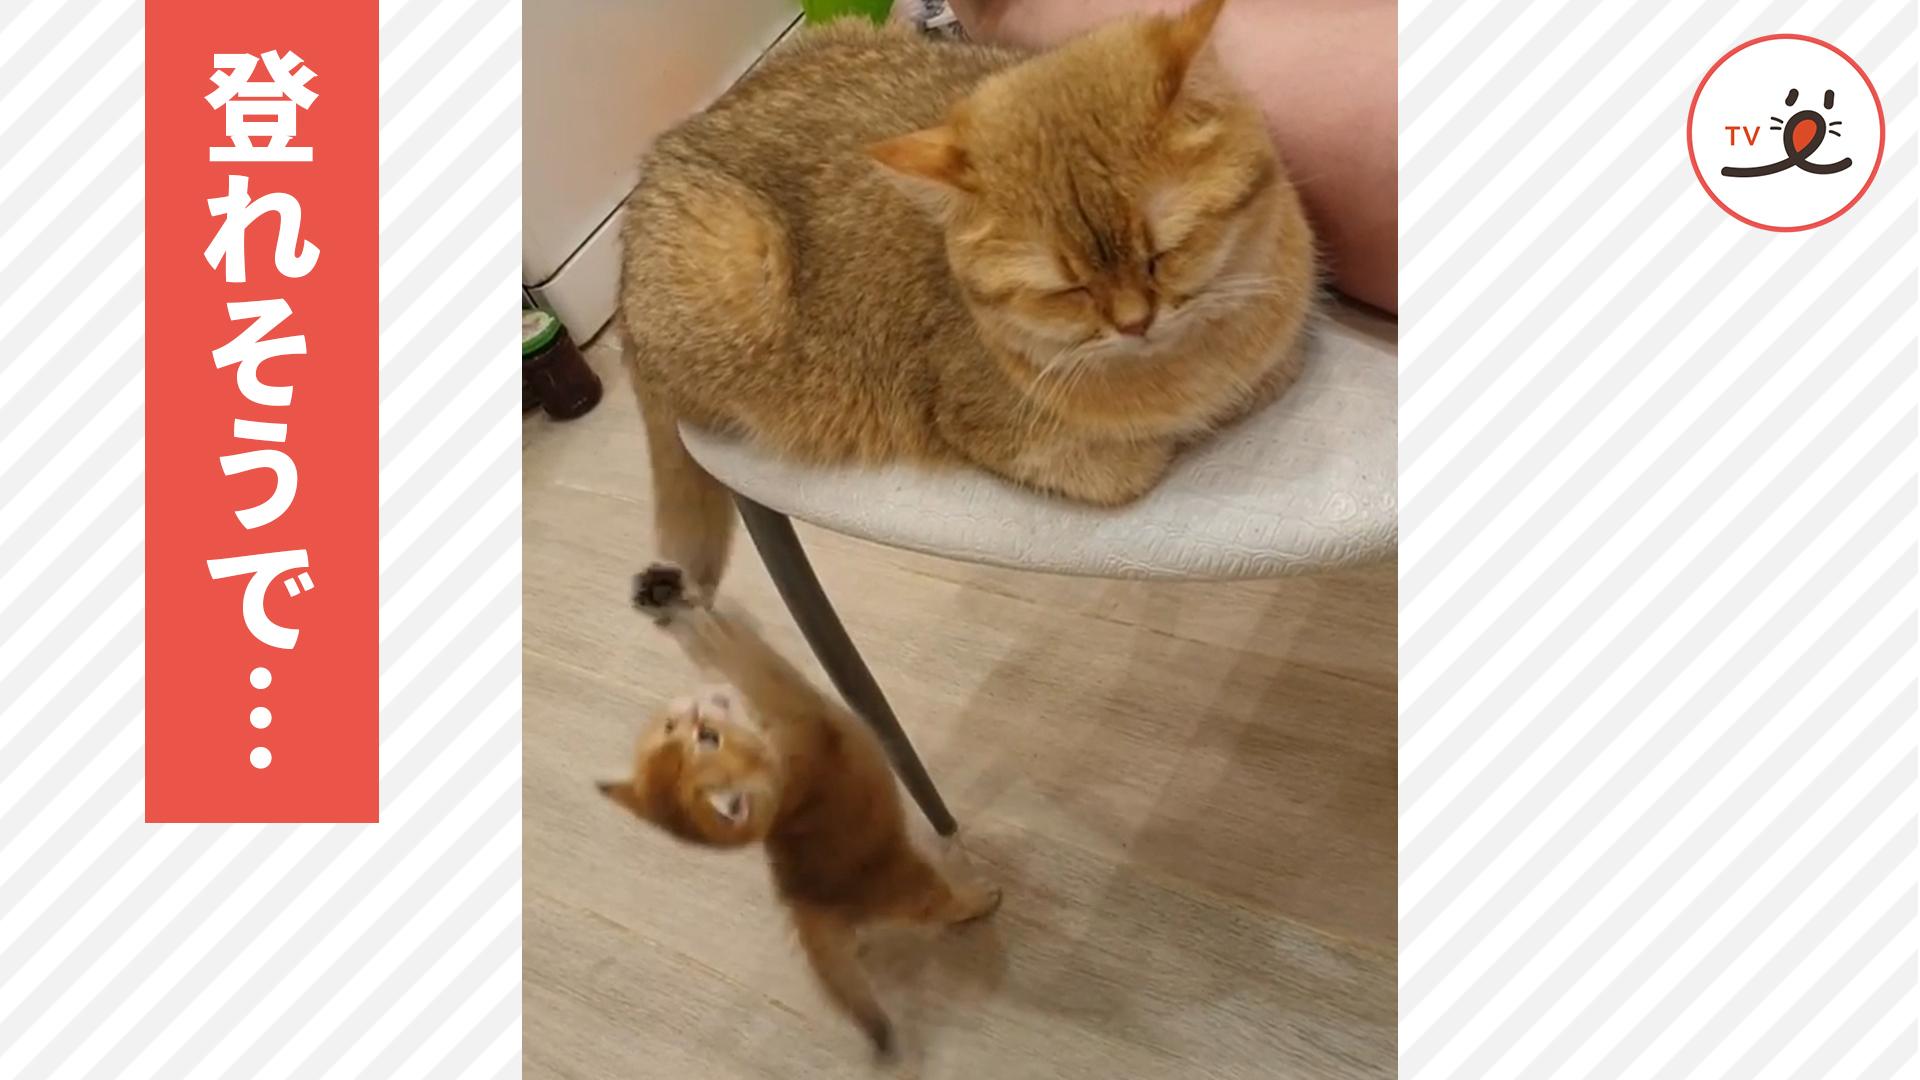 ママ猫の側に行きたくて、シッポに掴まって登ろうとする子猫😸❣️